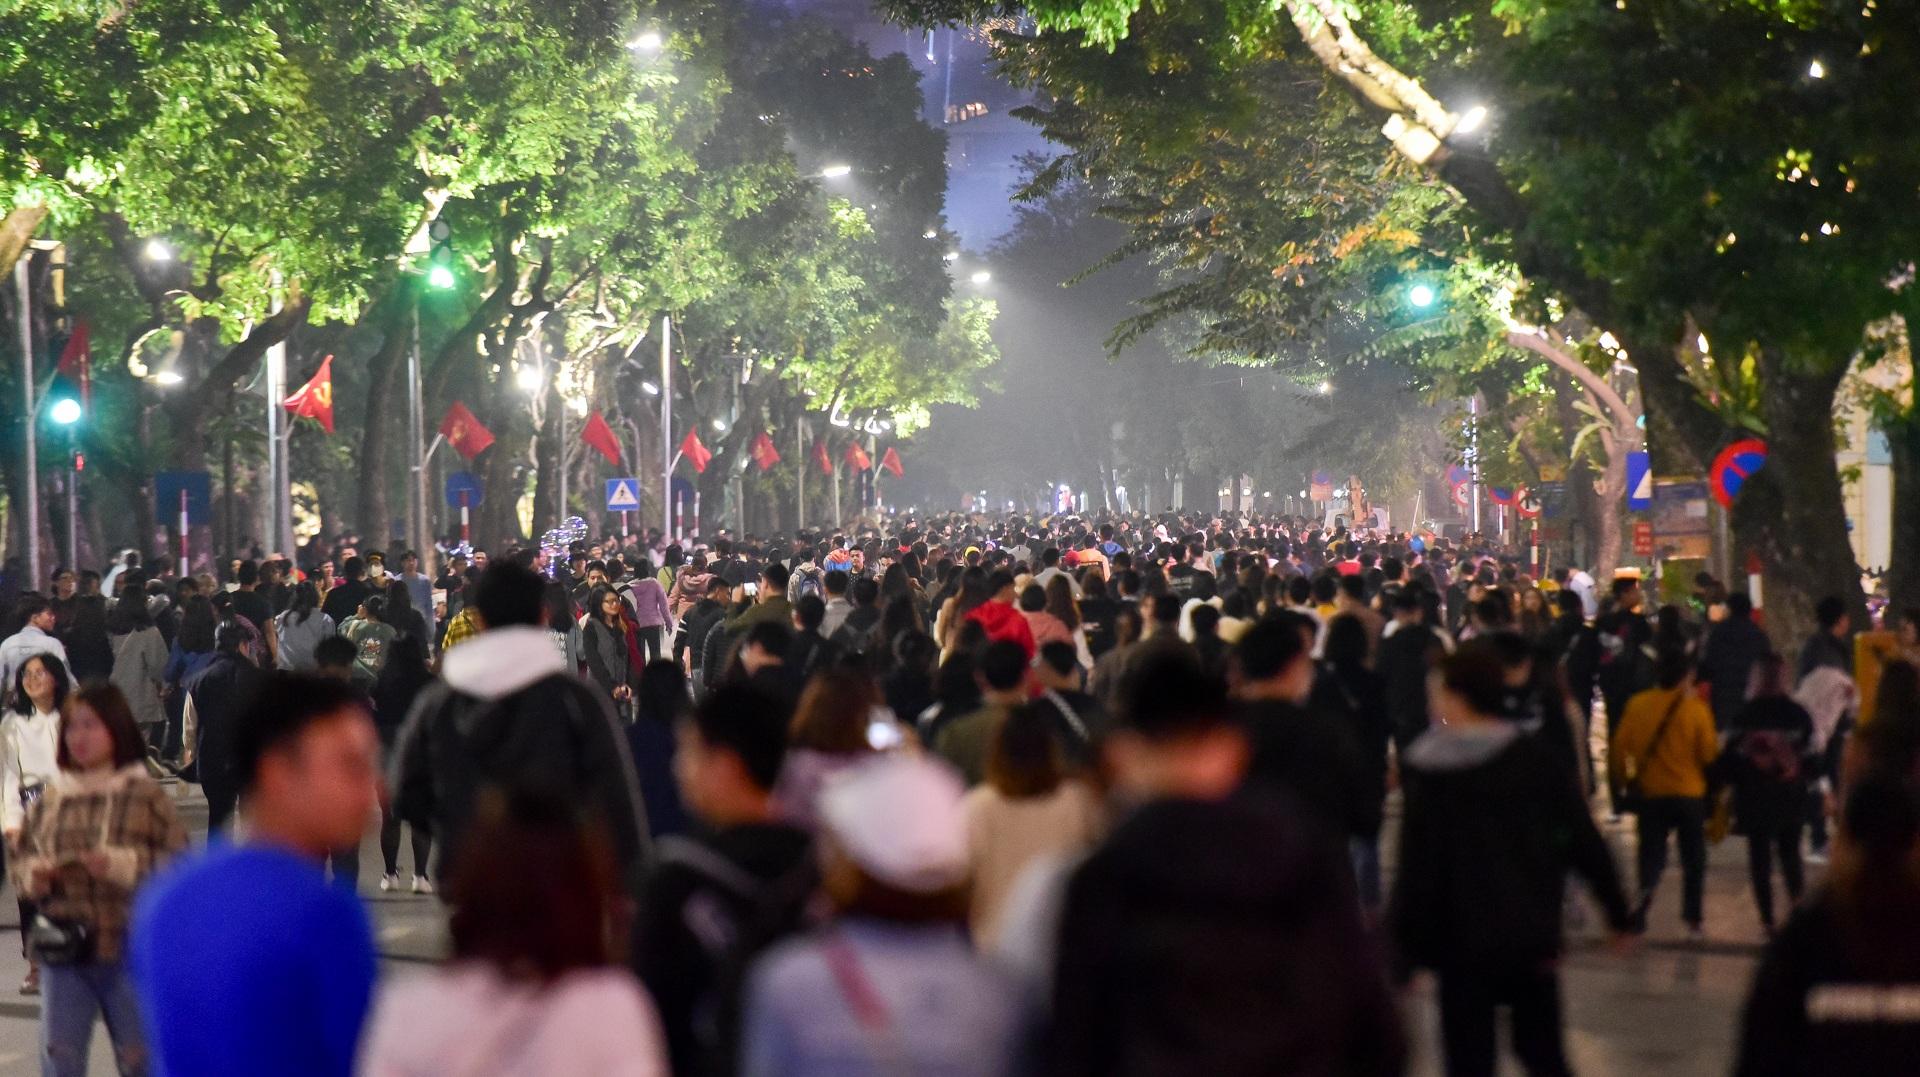 Hà Nội: Dòng người ùn ùn đổ về hồ Gươm đón năm mới 2020  - 2